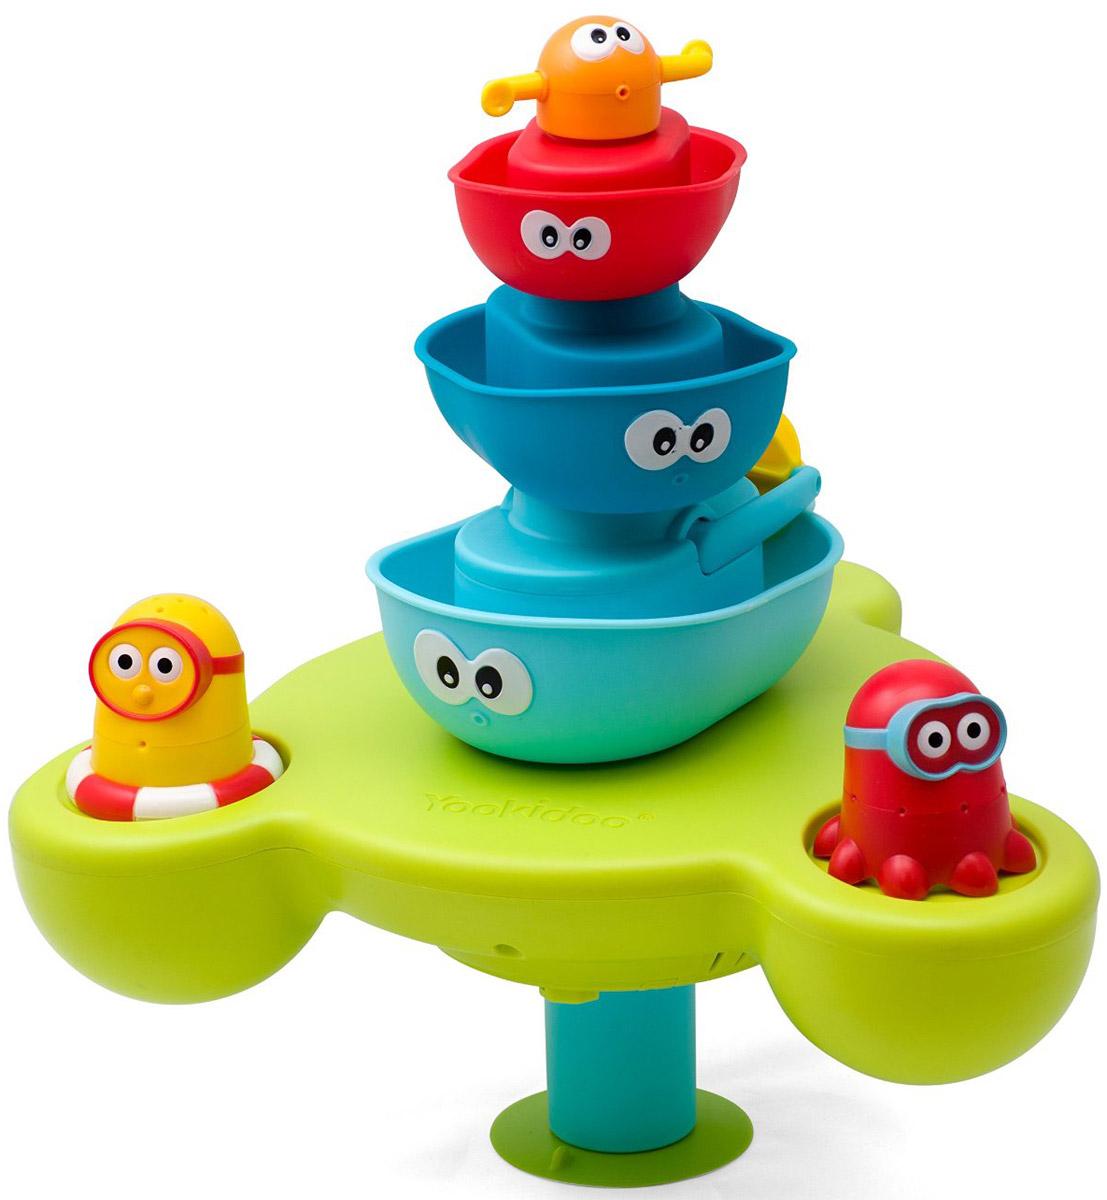 Yookidoo Игрушка для ванной Веселый фонтан40115Развивающая водная игрушка представляет собой фонтан-пирамидку с 5 разноцветными взаимозаменяемыми фигурками. Каждая фигурка - это разные водные эффекты. Красная лодка кружится при подаче воды, у голубой лодки вертится пропеллер, осьминог брызгается водой во всех направлениях... всего и не перечислить! Работает от 3 батареек АА (не входят в комплект).